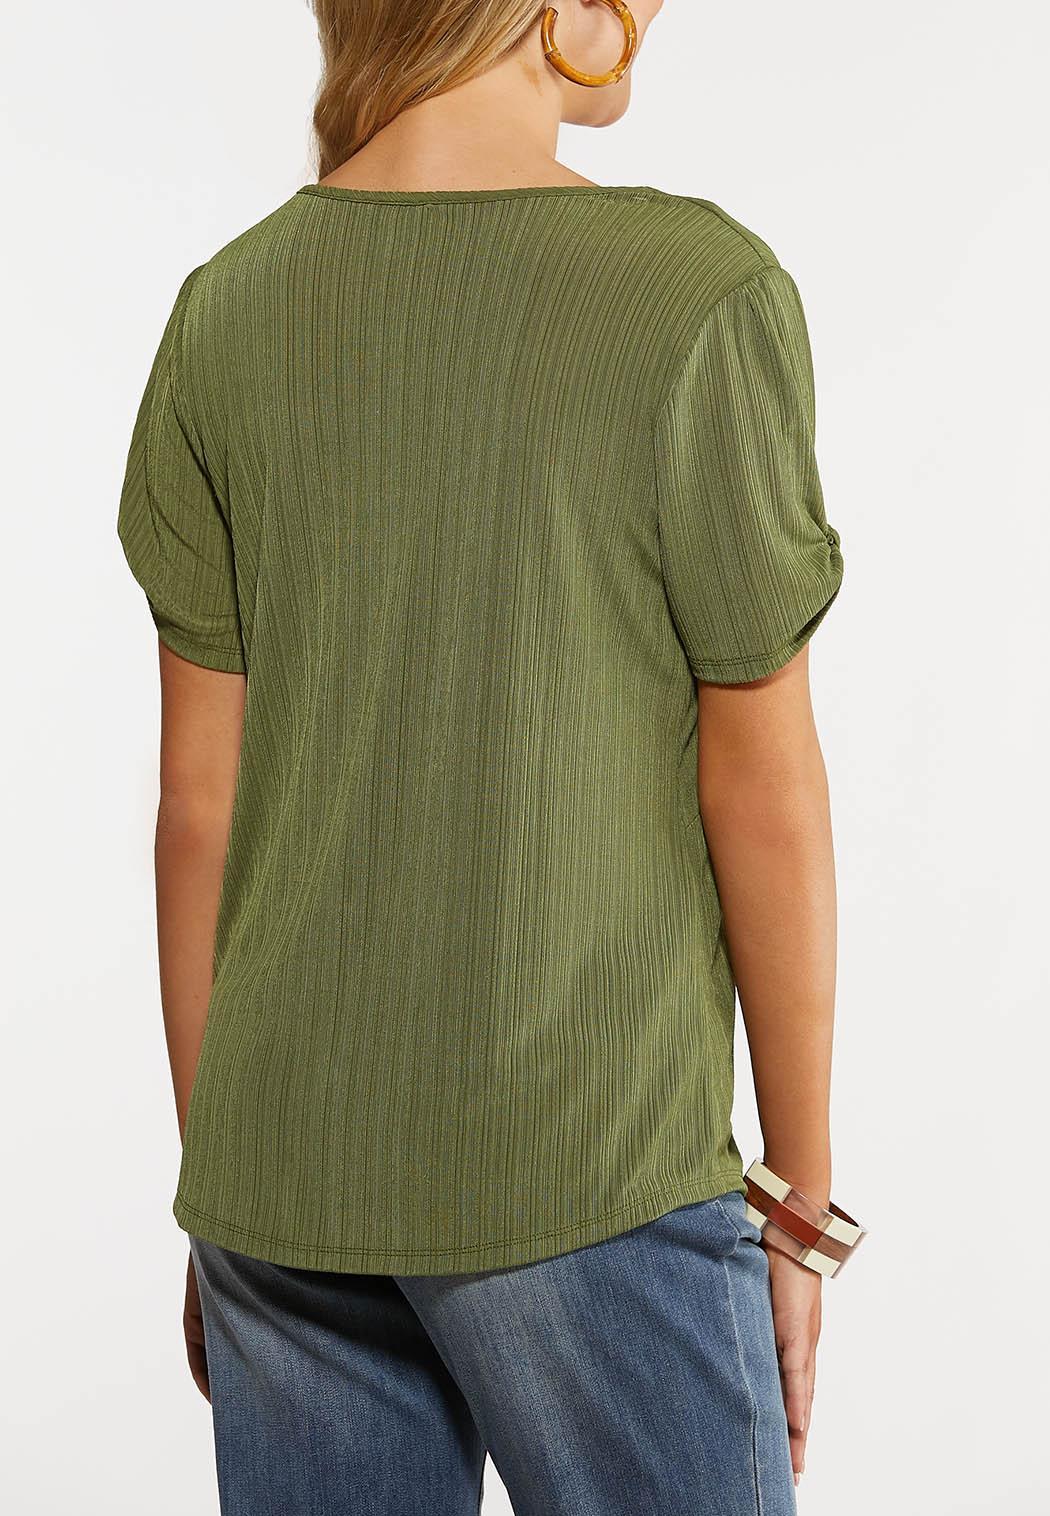 Olive Twist Sleeve Top (Item #44263134)